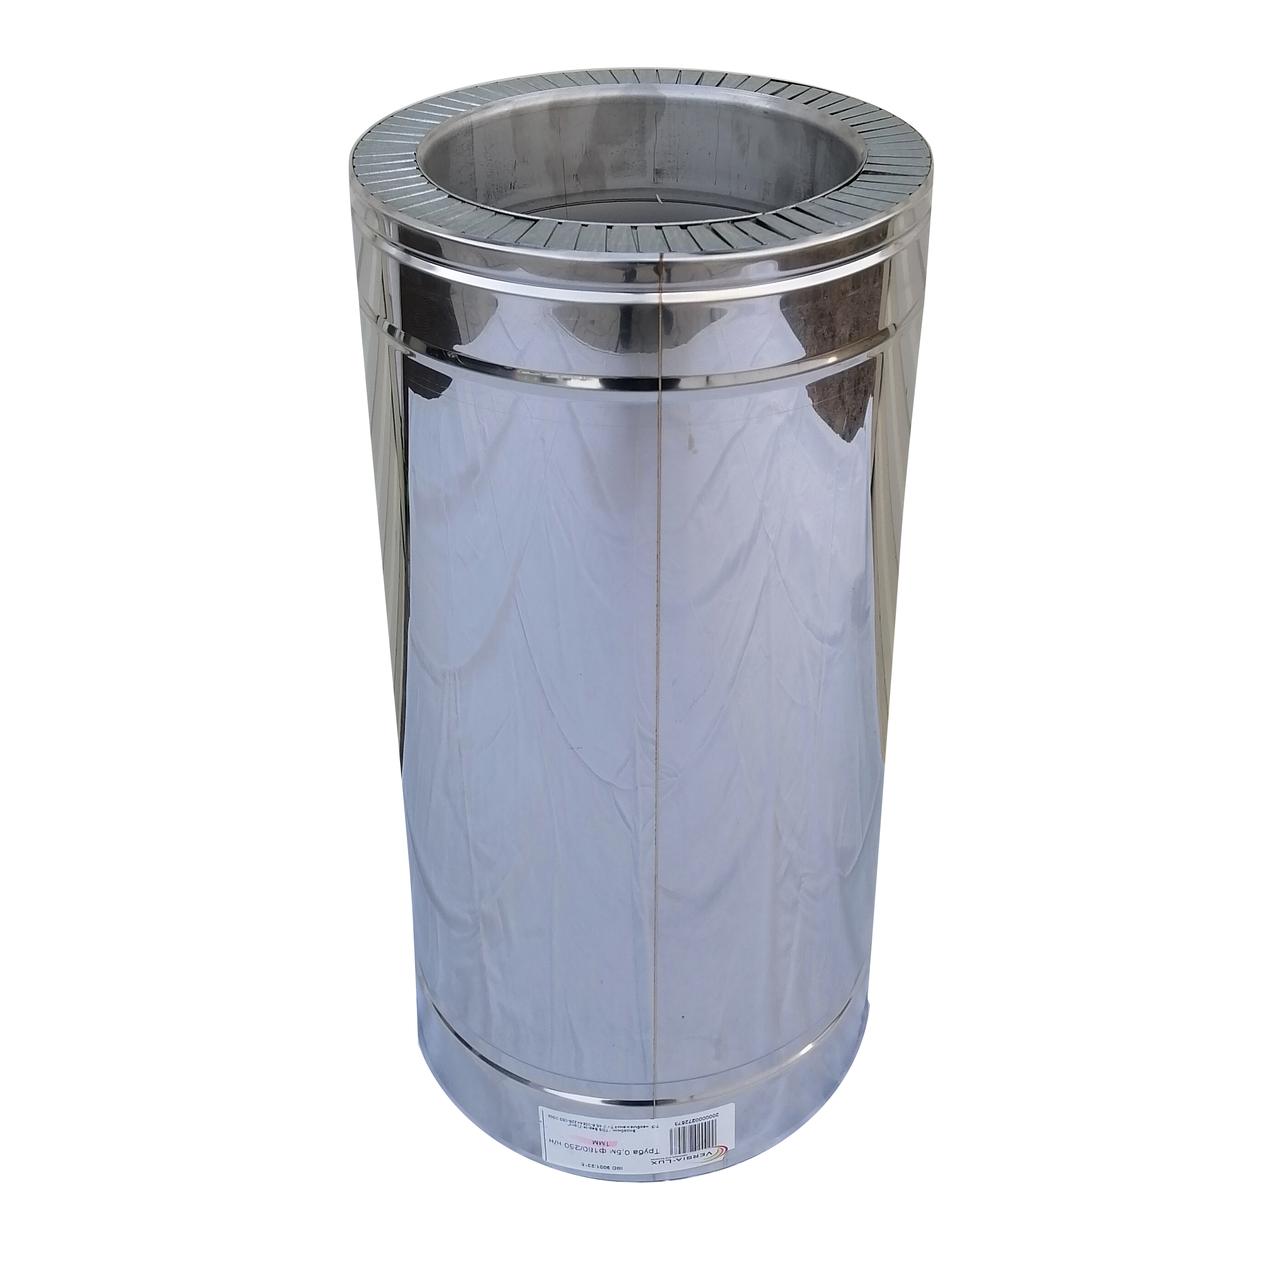 Труба димохідна сендвіч d 300 мм; 0,8 мм; AISI 304; 50 см; нержавіюча сталь/неіржавіюча сталь - «Версія-Люкс»